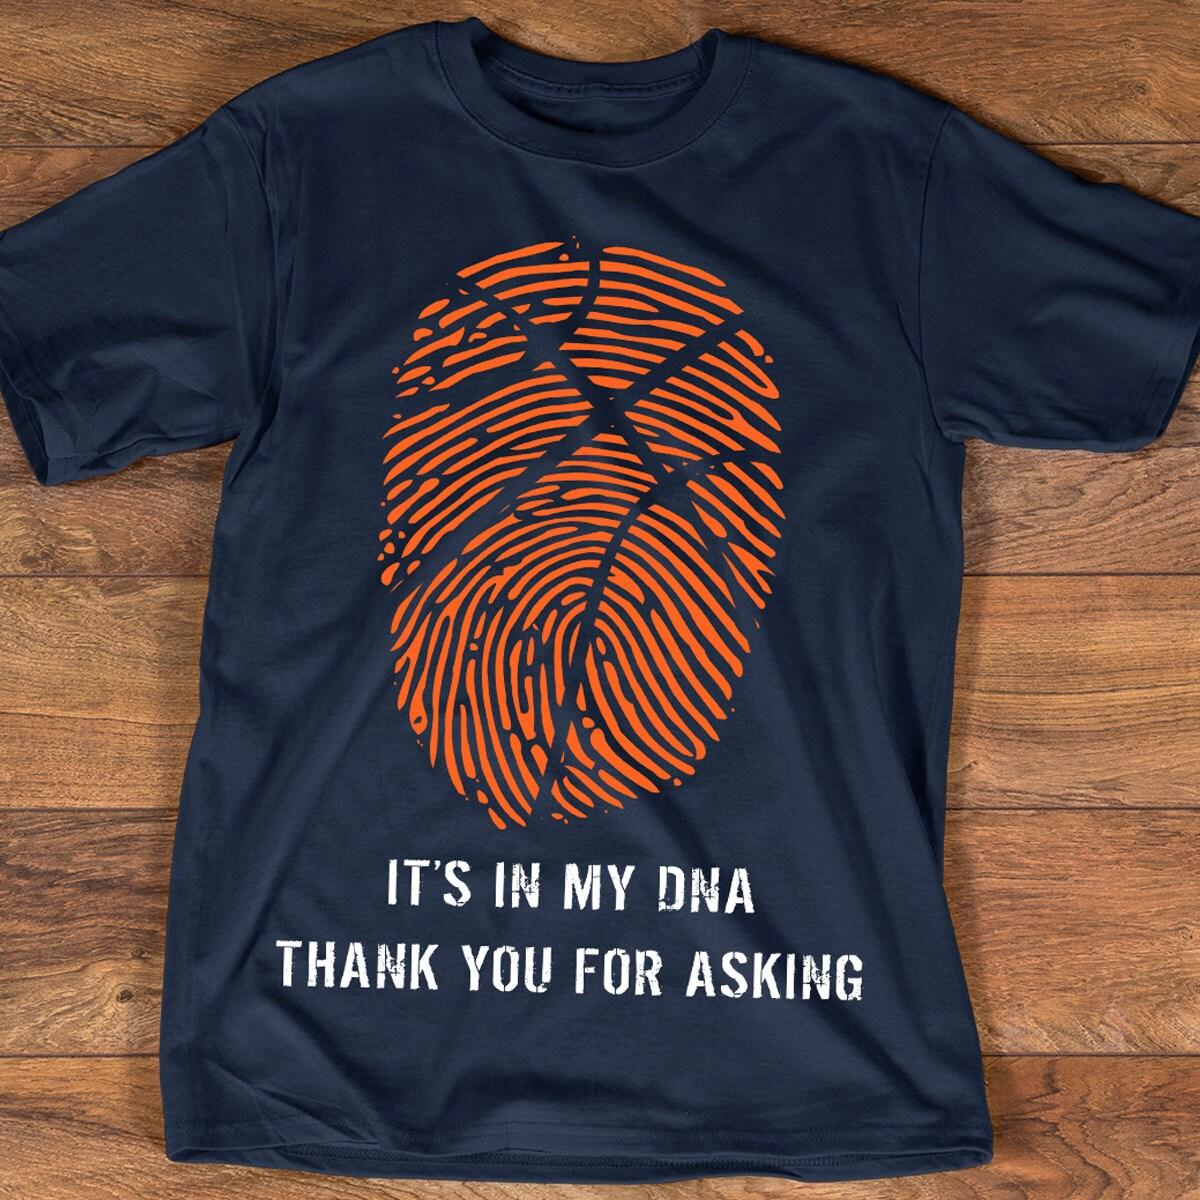 Funny Basketball Shirt. Basketball T-shirt. Basketball Game